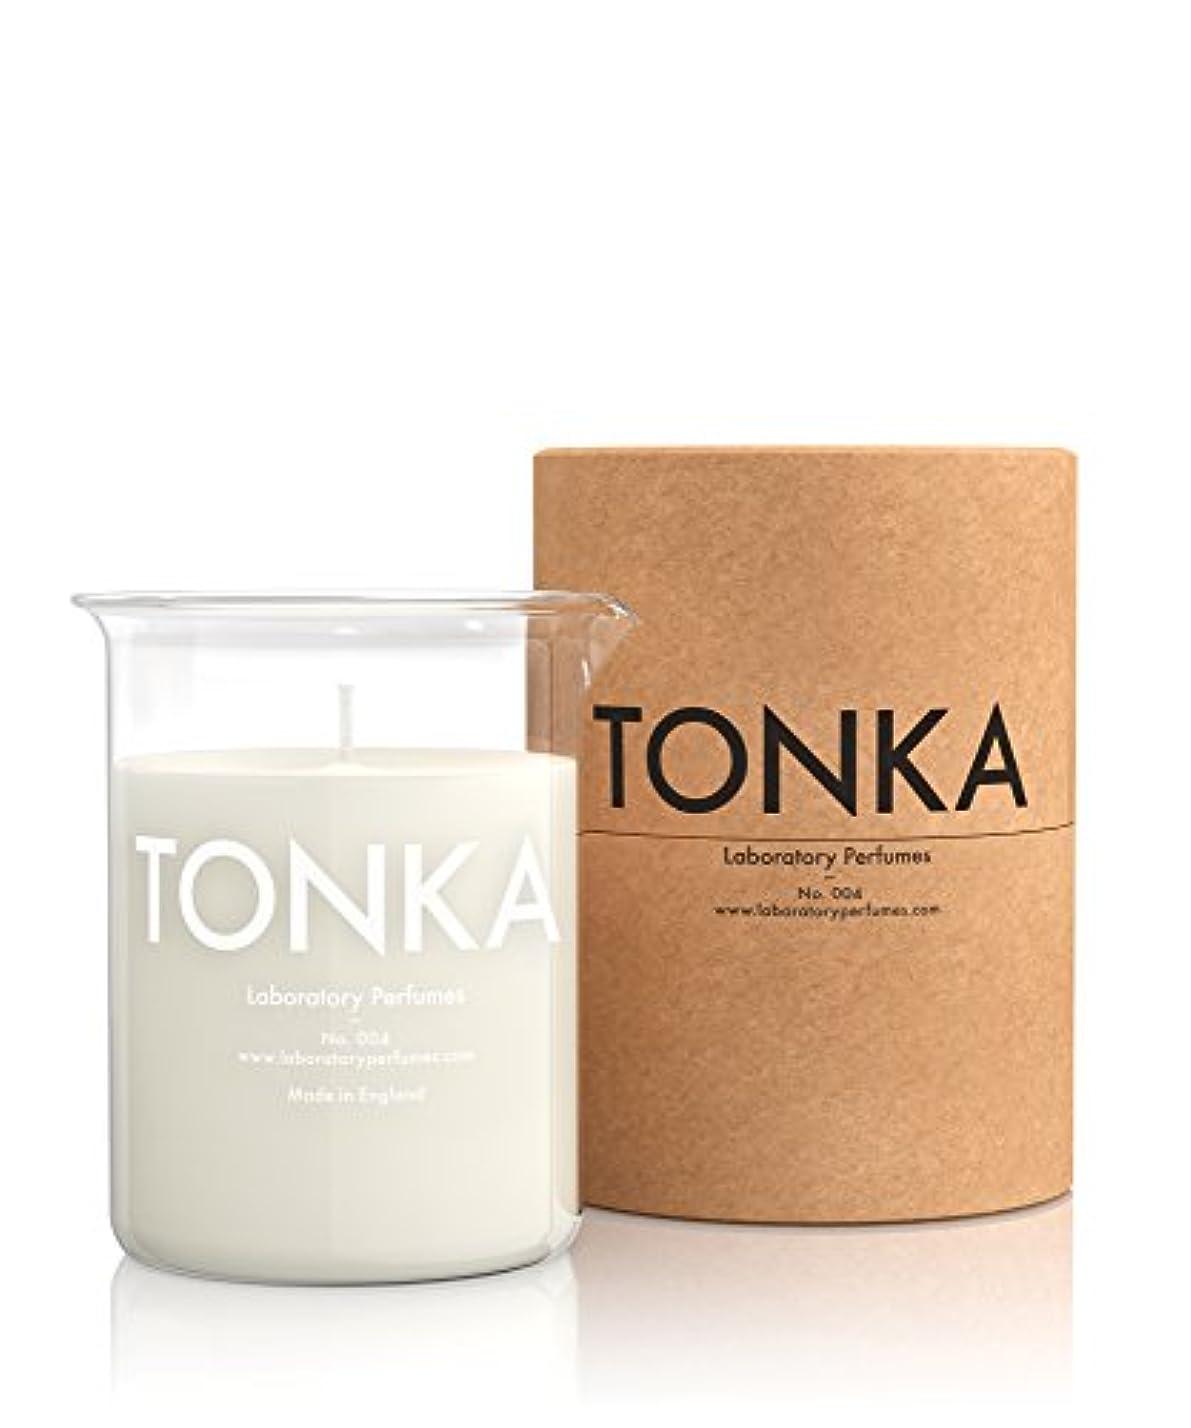 悲劇充実しなやかなLabortory Perfumes キャンドル トンカ Tonka (アロマティックオリエンタル Aromatic Oriental) Candle ラボラトリー パフューム